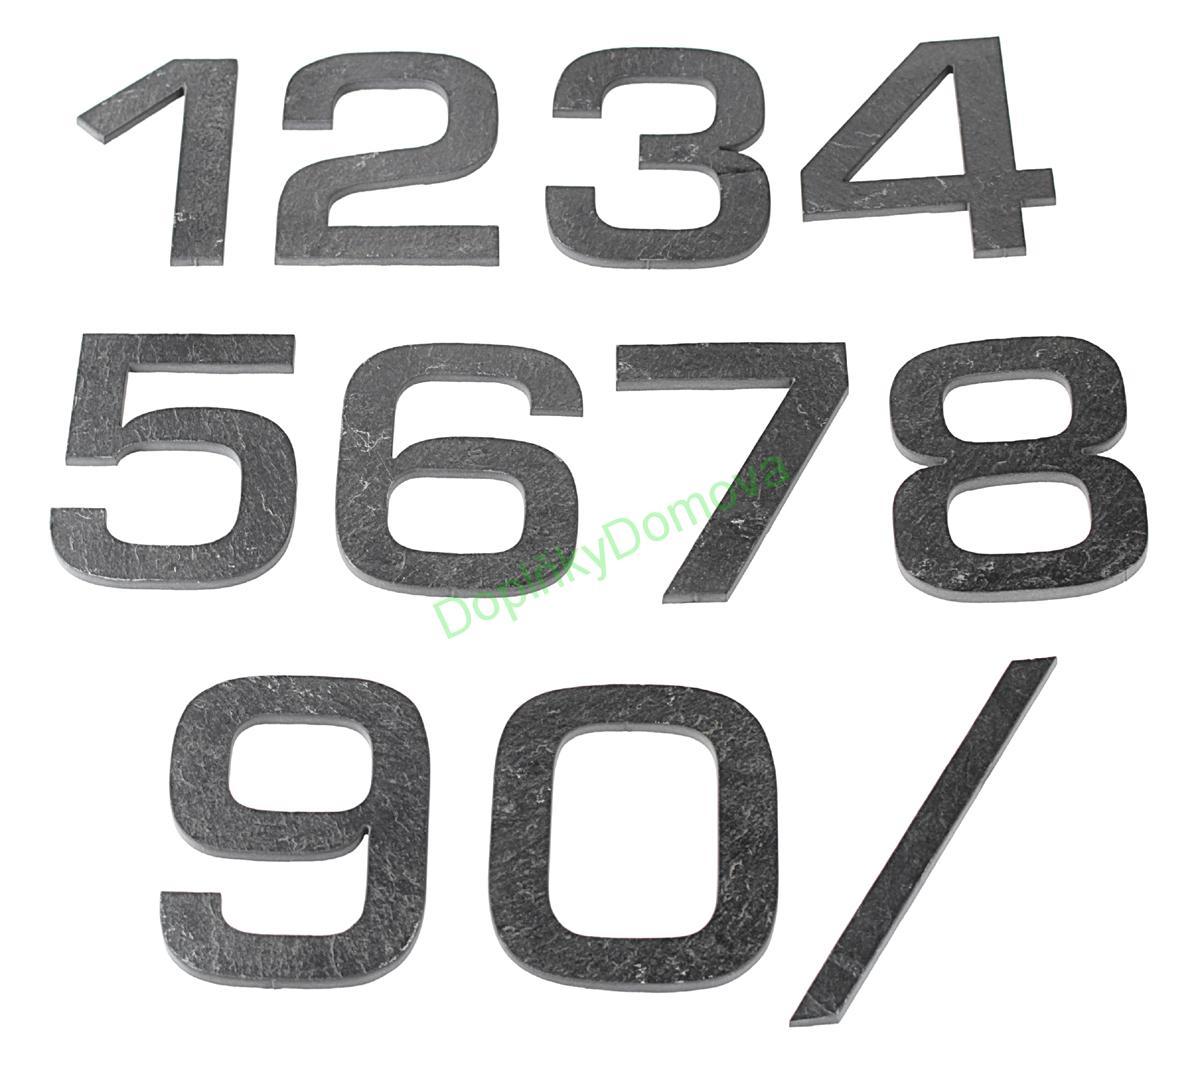 """Domovní číslo popisné Břidlice EUROMODE - písmeno """"b"""""""